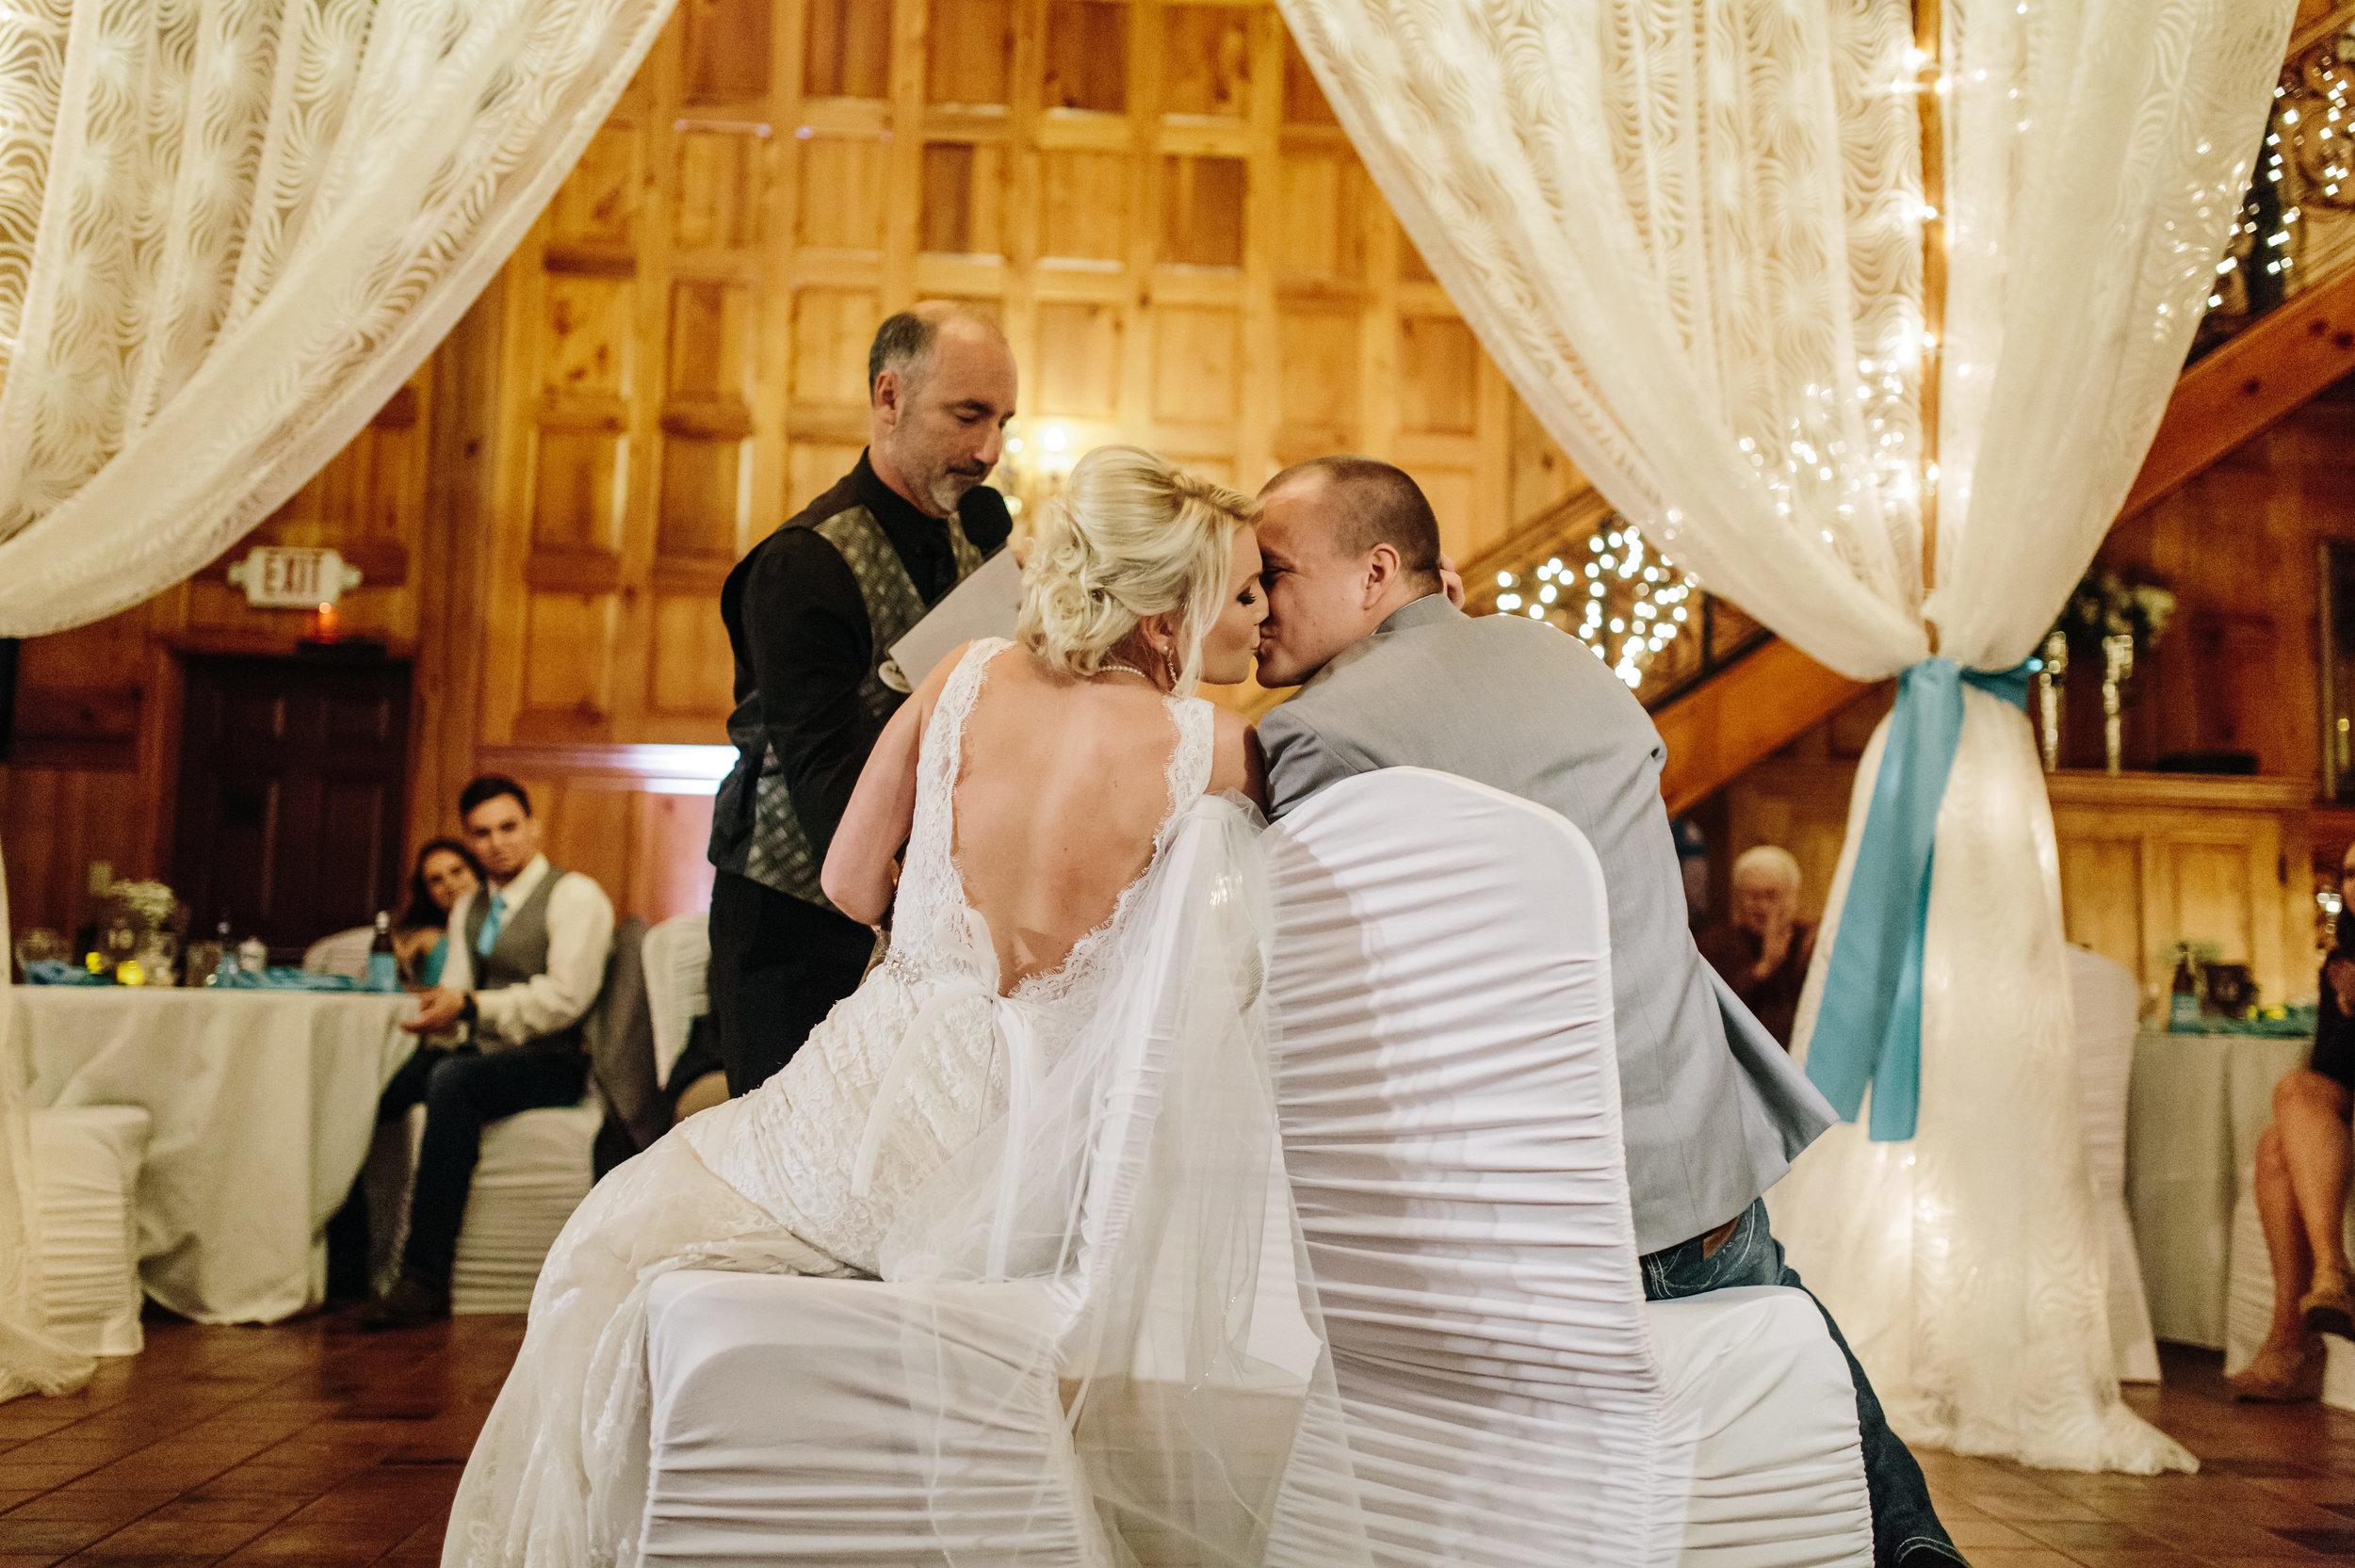 2018.02.10 Mariah and Ryan Baker Estate on Halifax Wedding (1044 of 1218).jpg